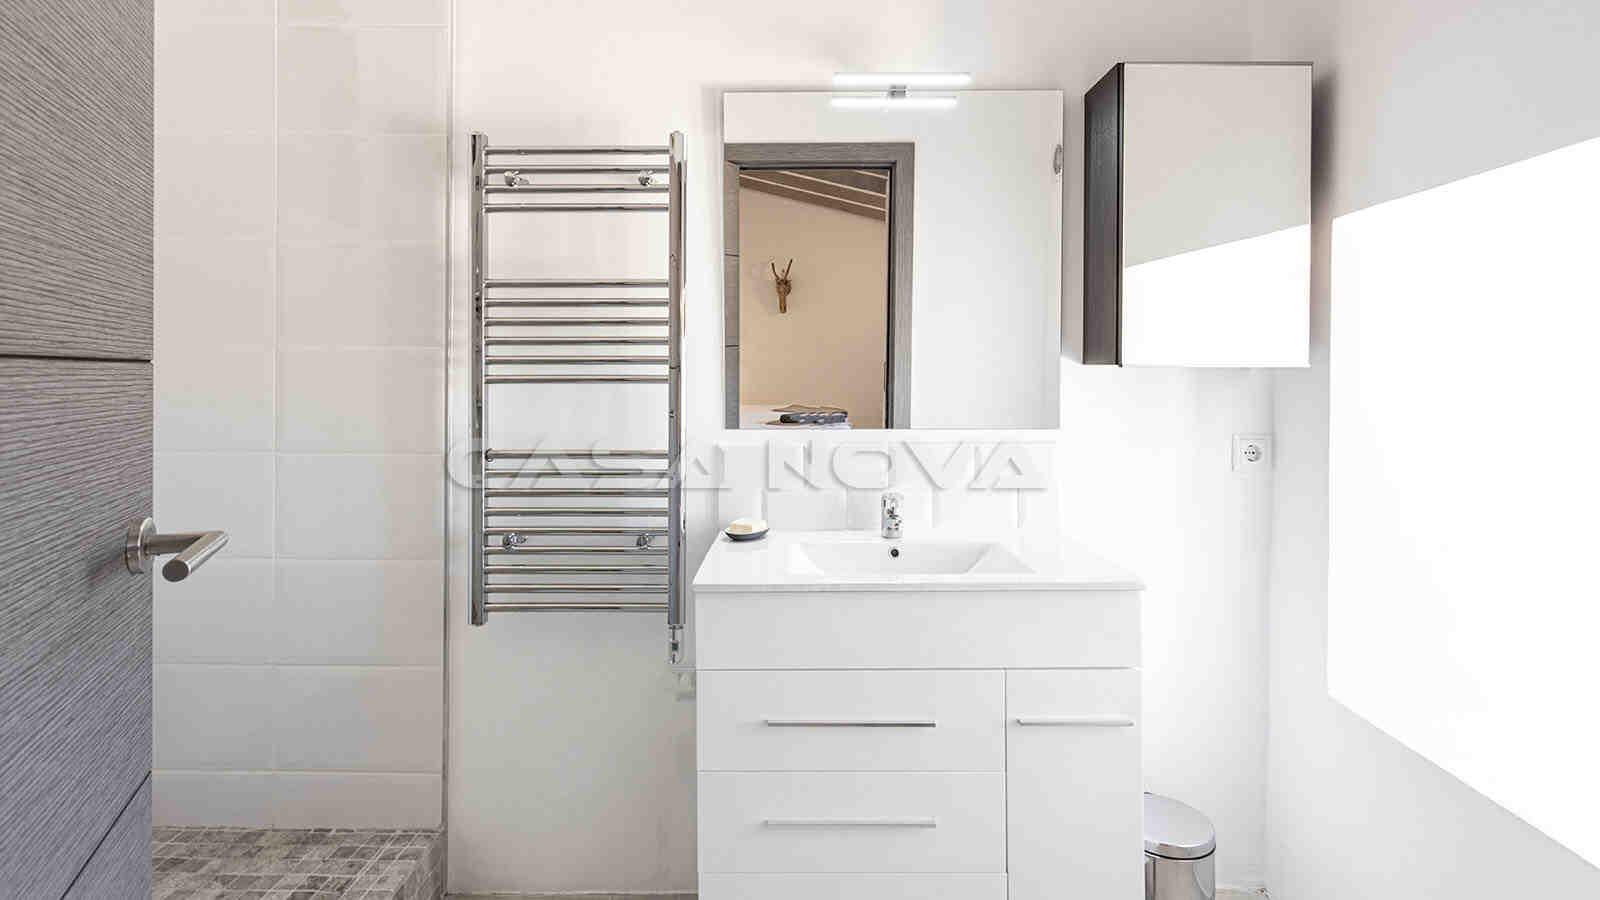 Modernisiertes Badezimmer mit Dusche